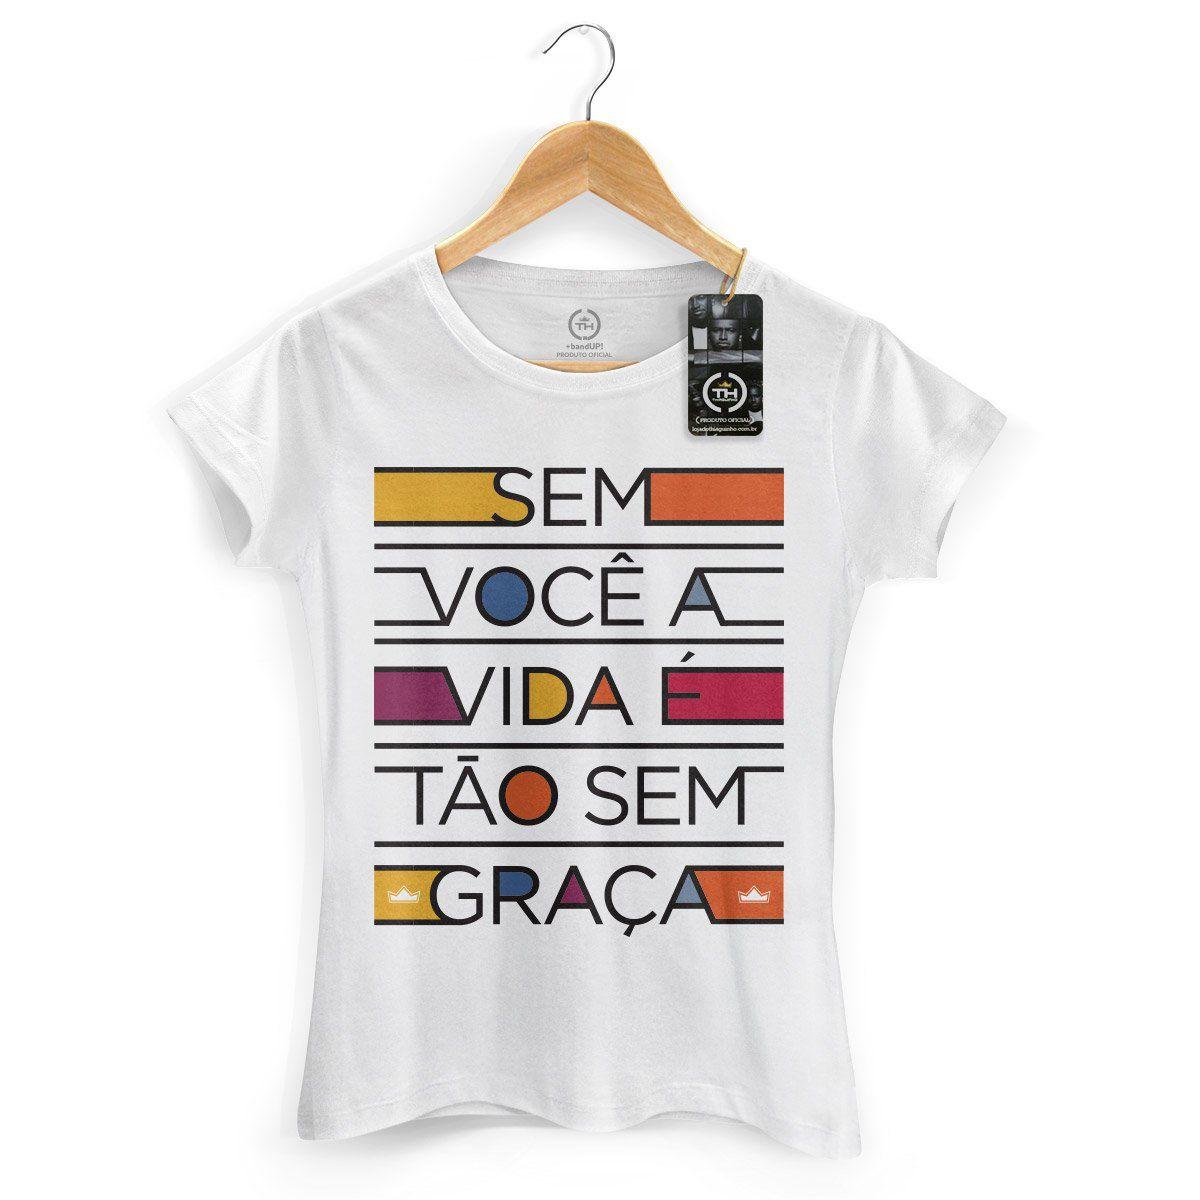 Camiseta Feminina Thiaguinho Sem Você a Vida é Tão Sem Graça Colors  - bandUP Store Marketplace